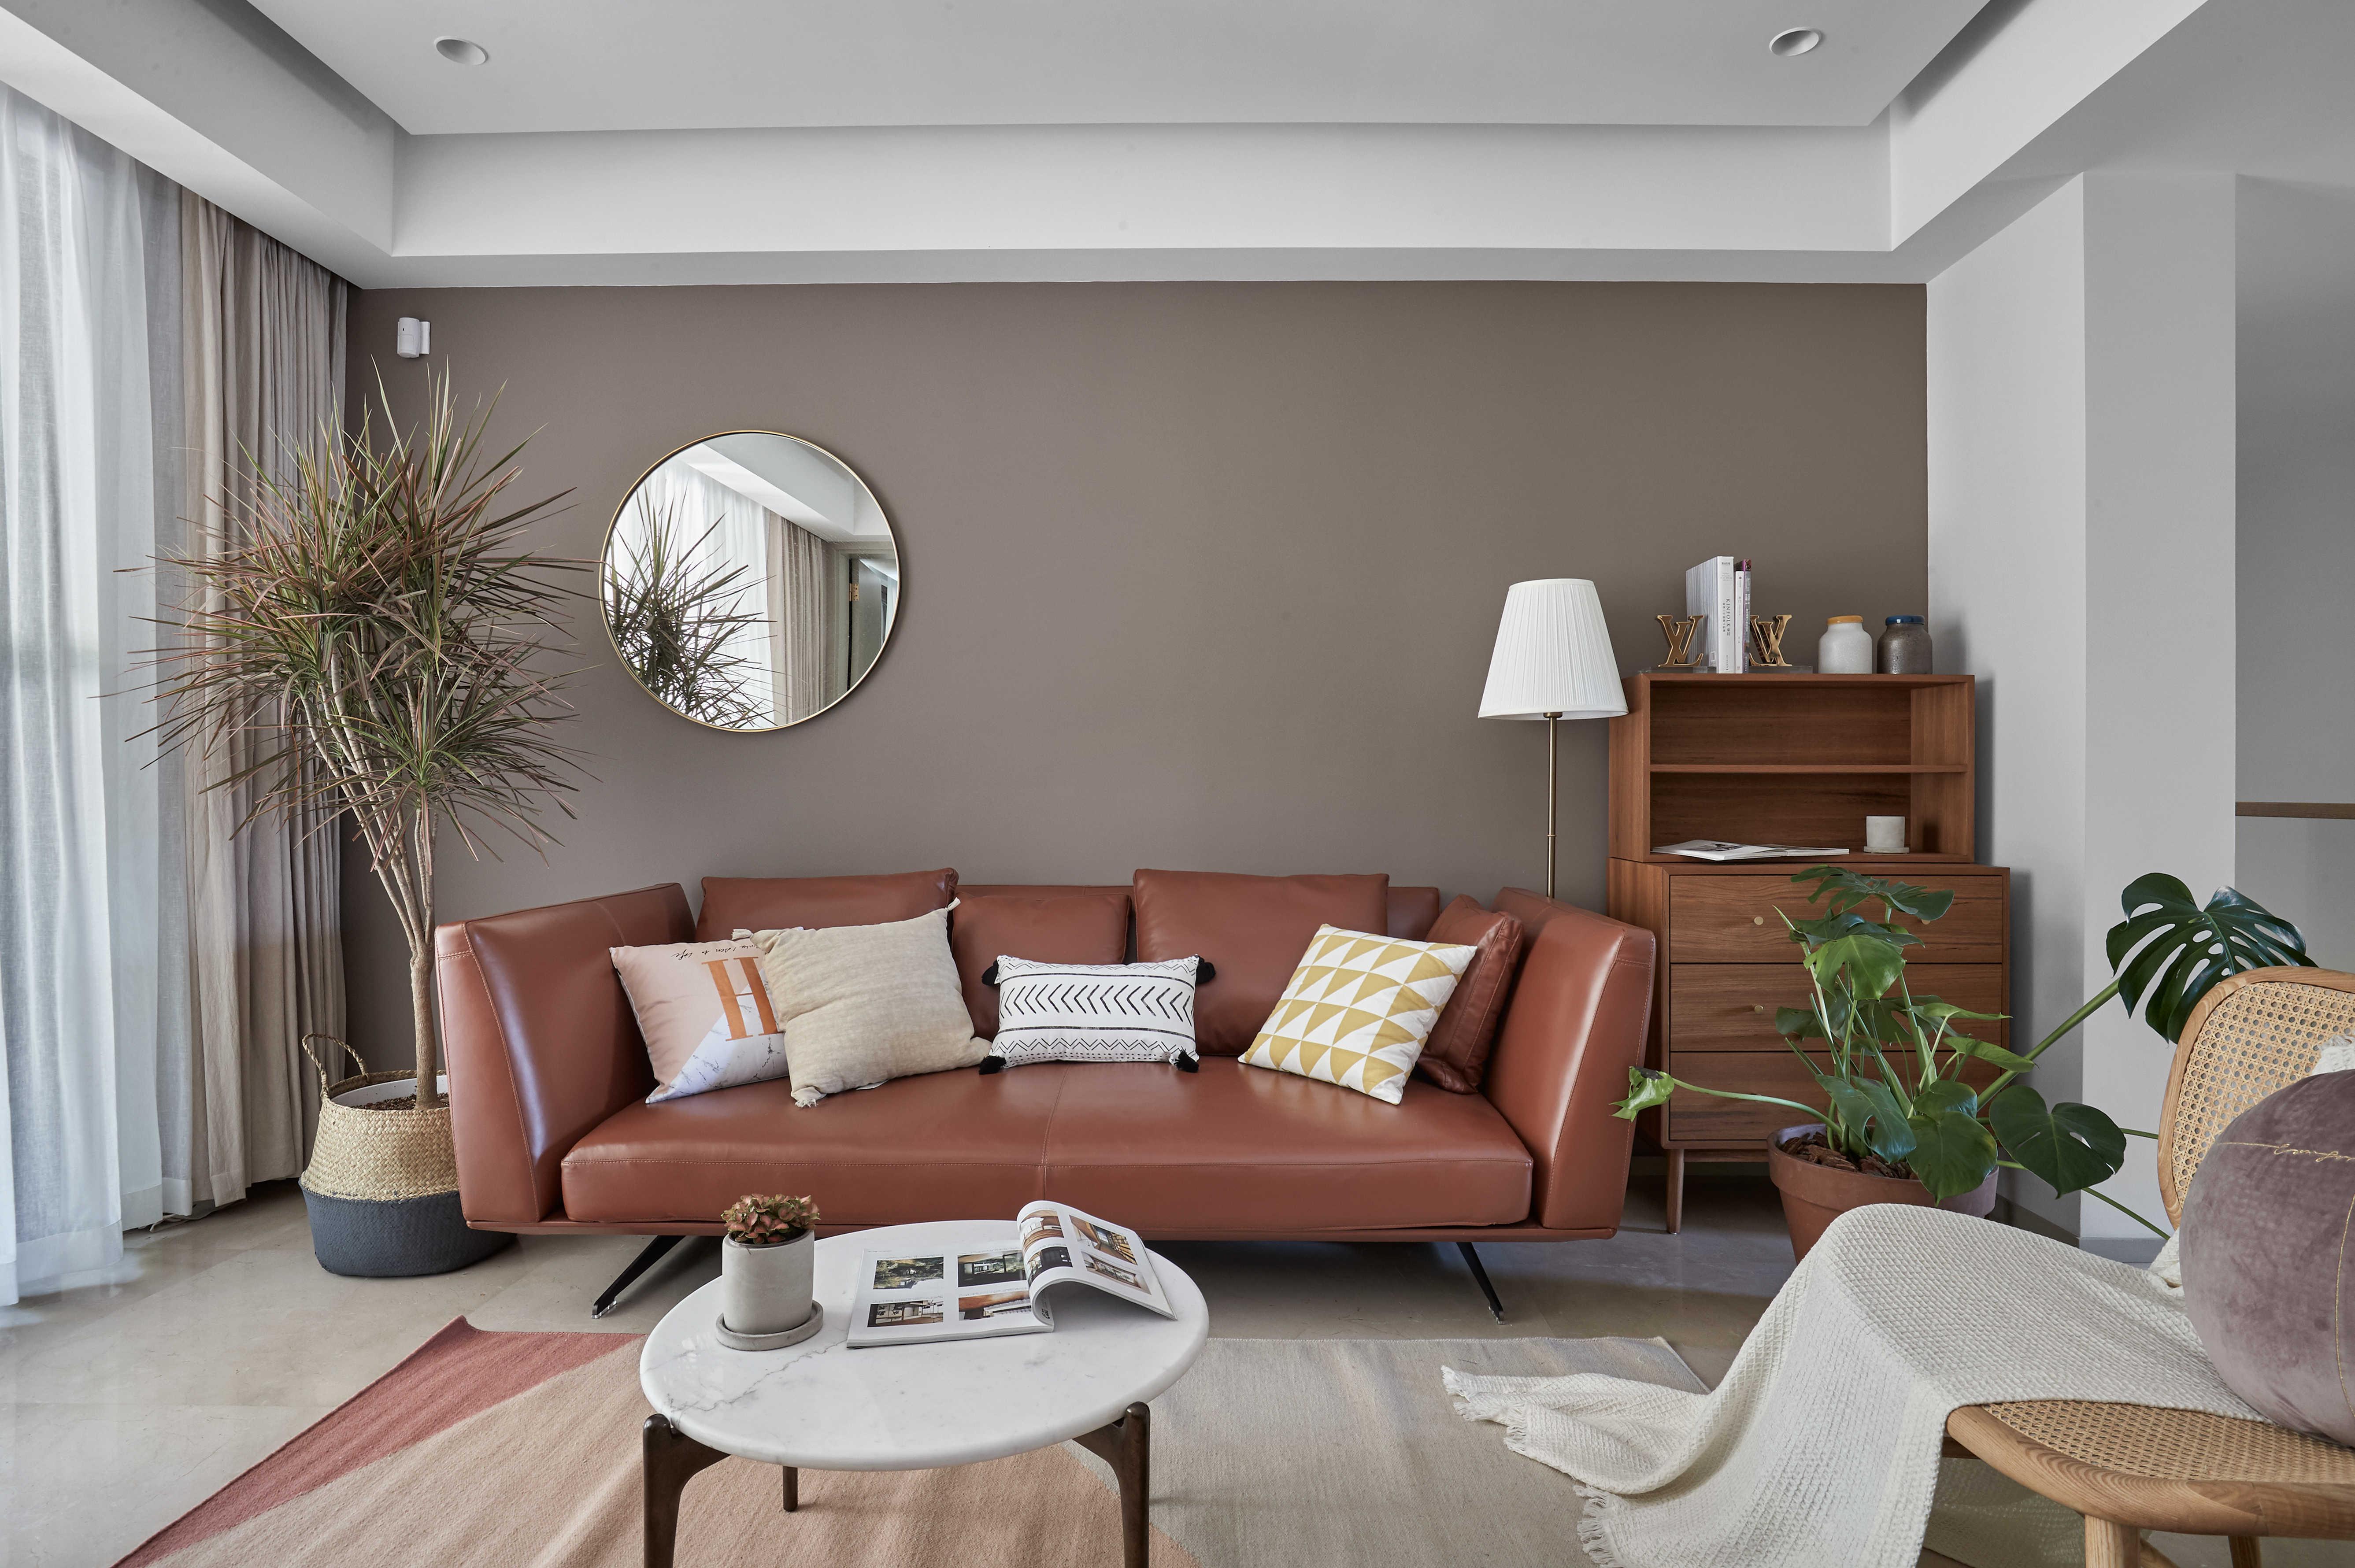 简约休闲三居室沙发背景墙装修效果图